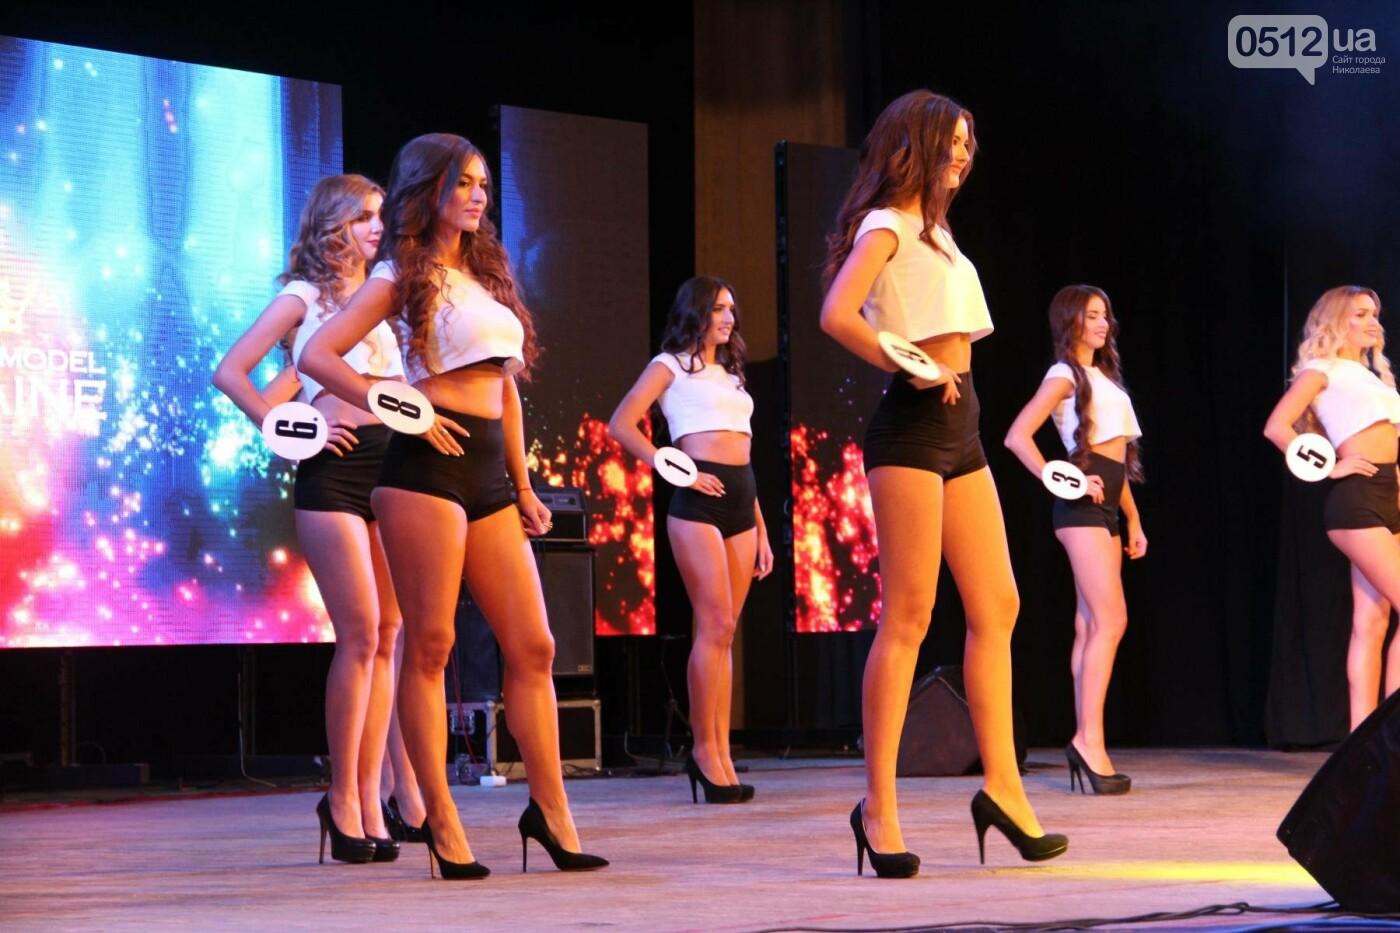 В Николаеве на конкурсе «Miss Top model Ukraine» выбрали самую красивую модель в Украине, - ФОТО, фото-9